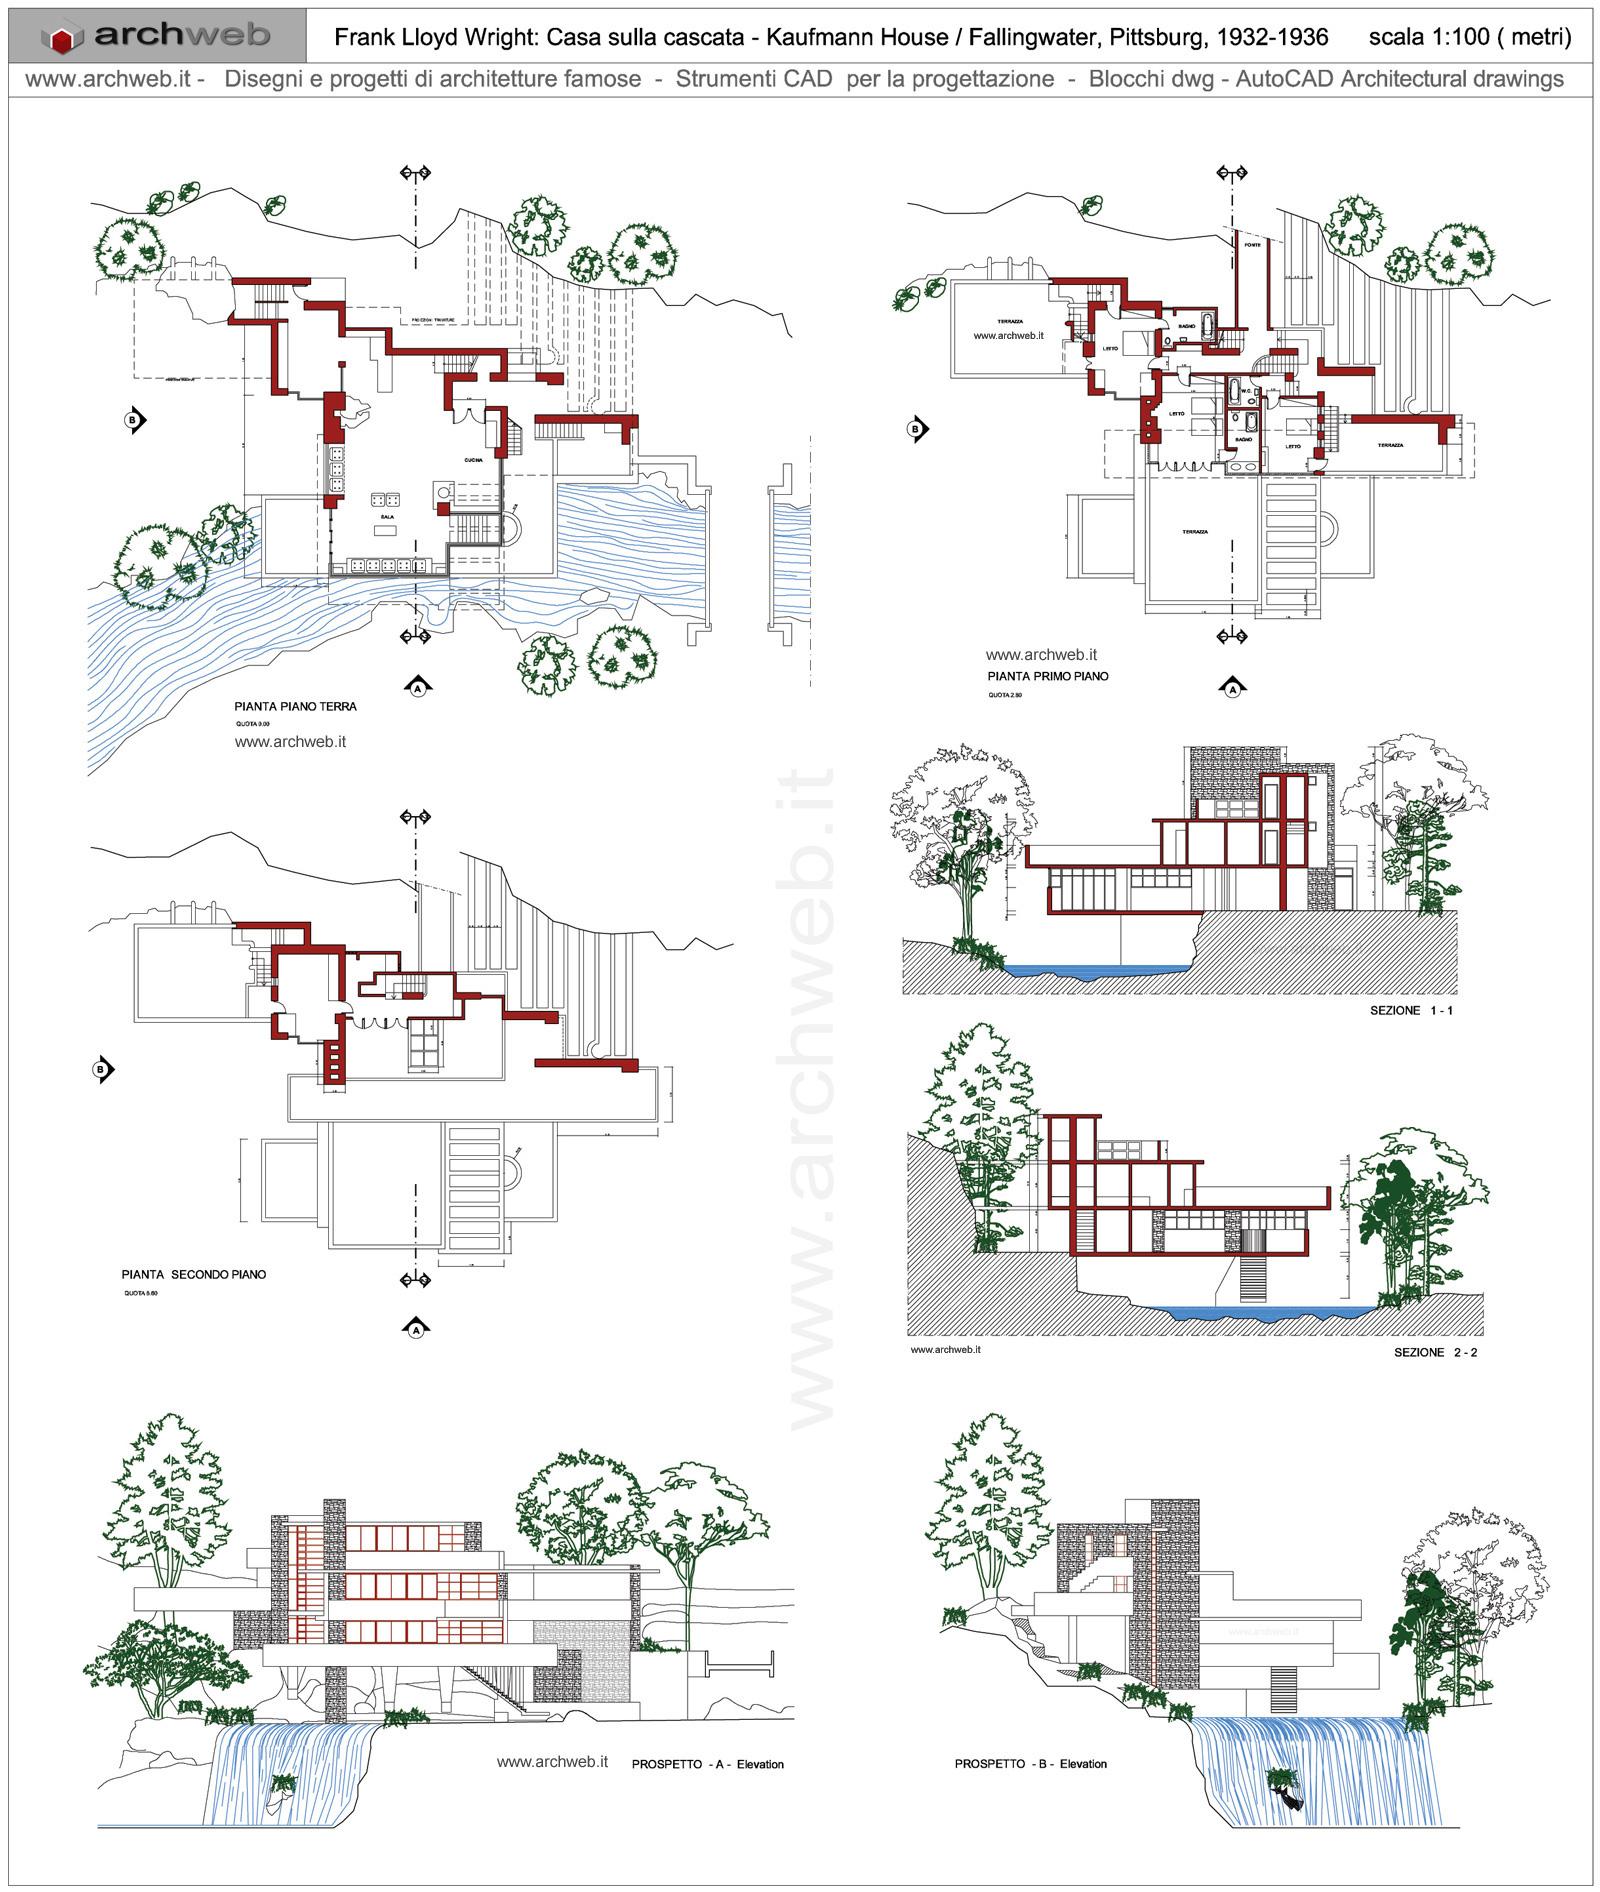 Casa sulla cascata dwg for Frank lloyd wright piani casa della prateria